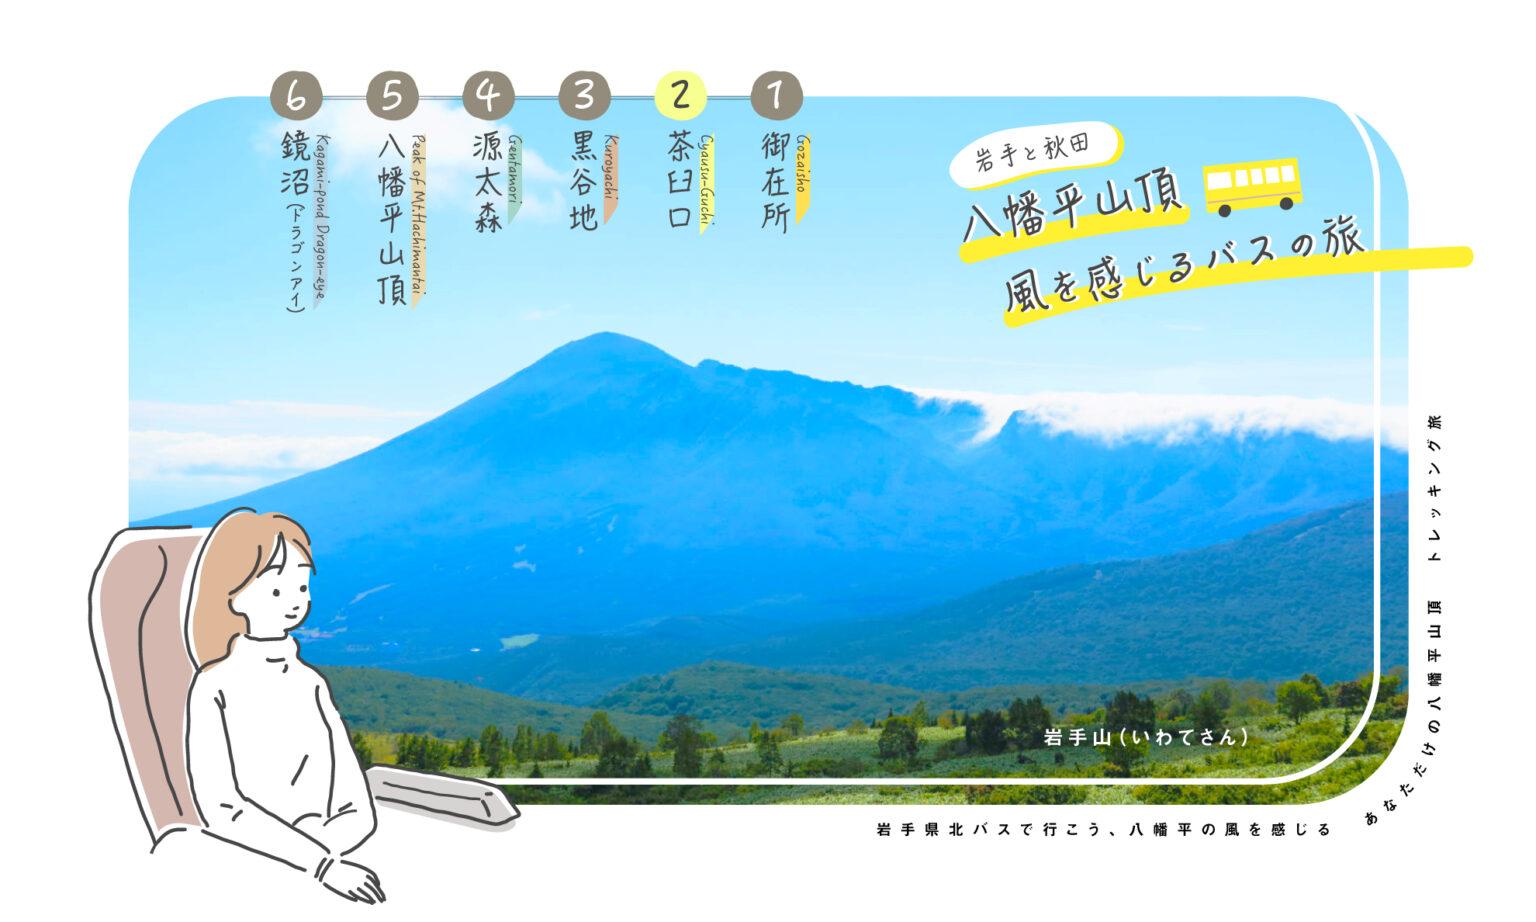 八幡平山頂バスの旅